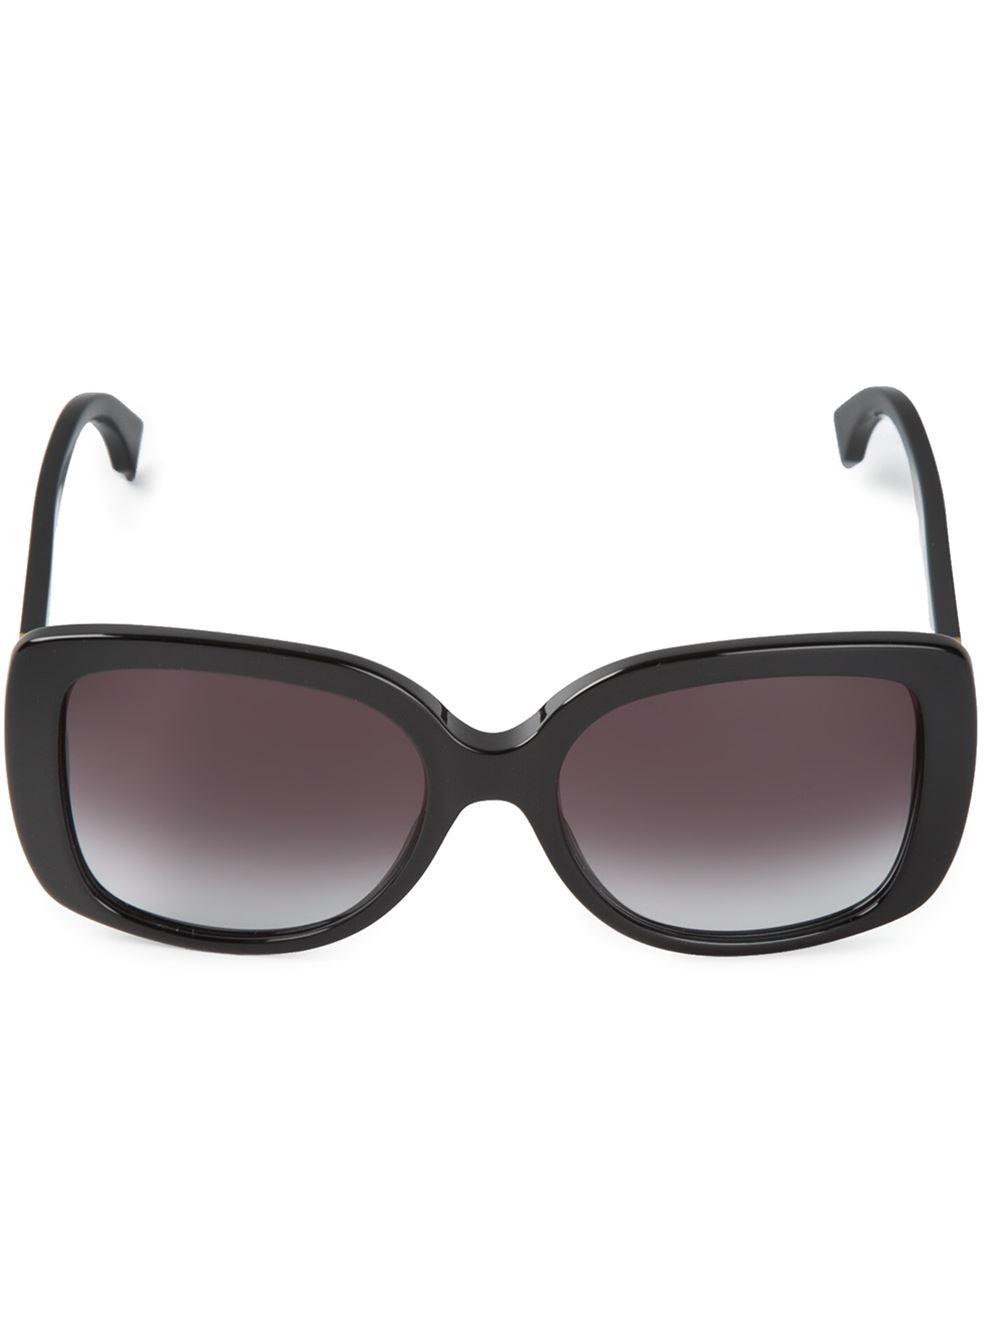 Fendi Rectangular Frame Sunglasses in Black Lyst